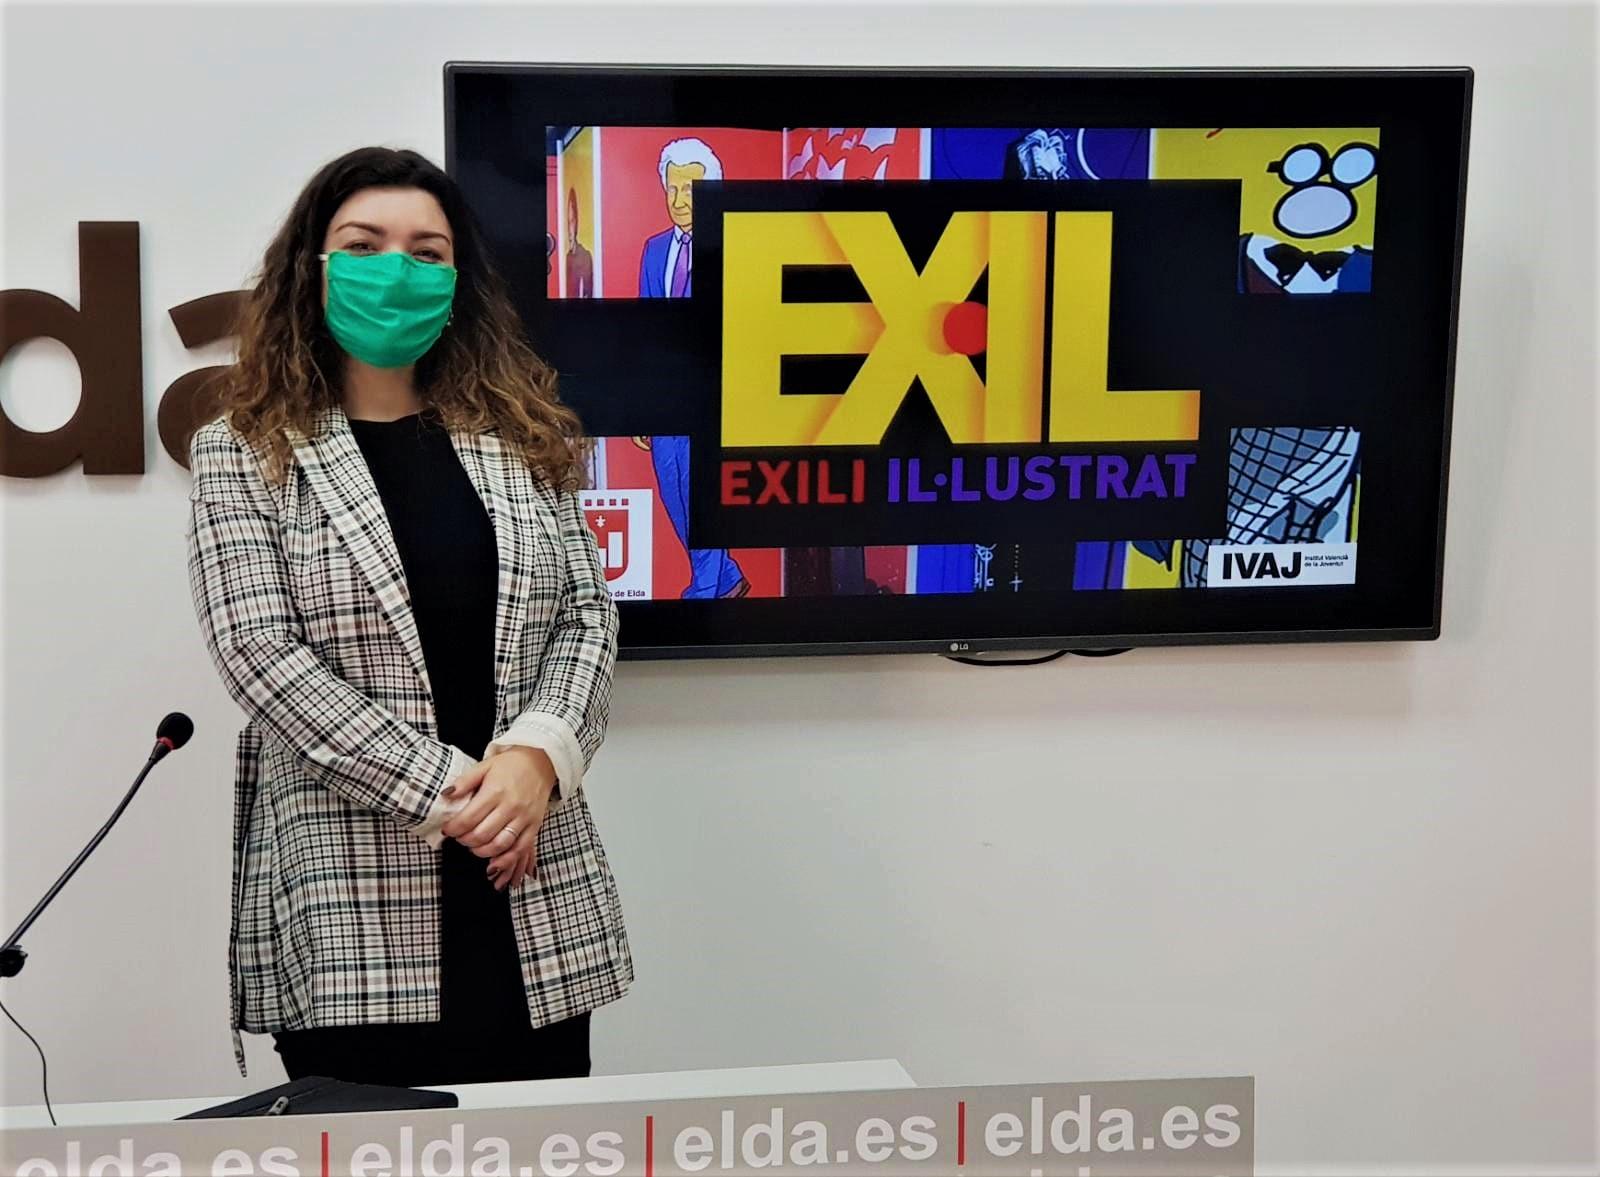 Juventud organiza en los Salones Princesa la exposición 'Exili il·lustrat' que reúne 36 retratos de personajes vinculados con el exilio